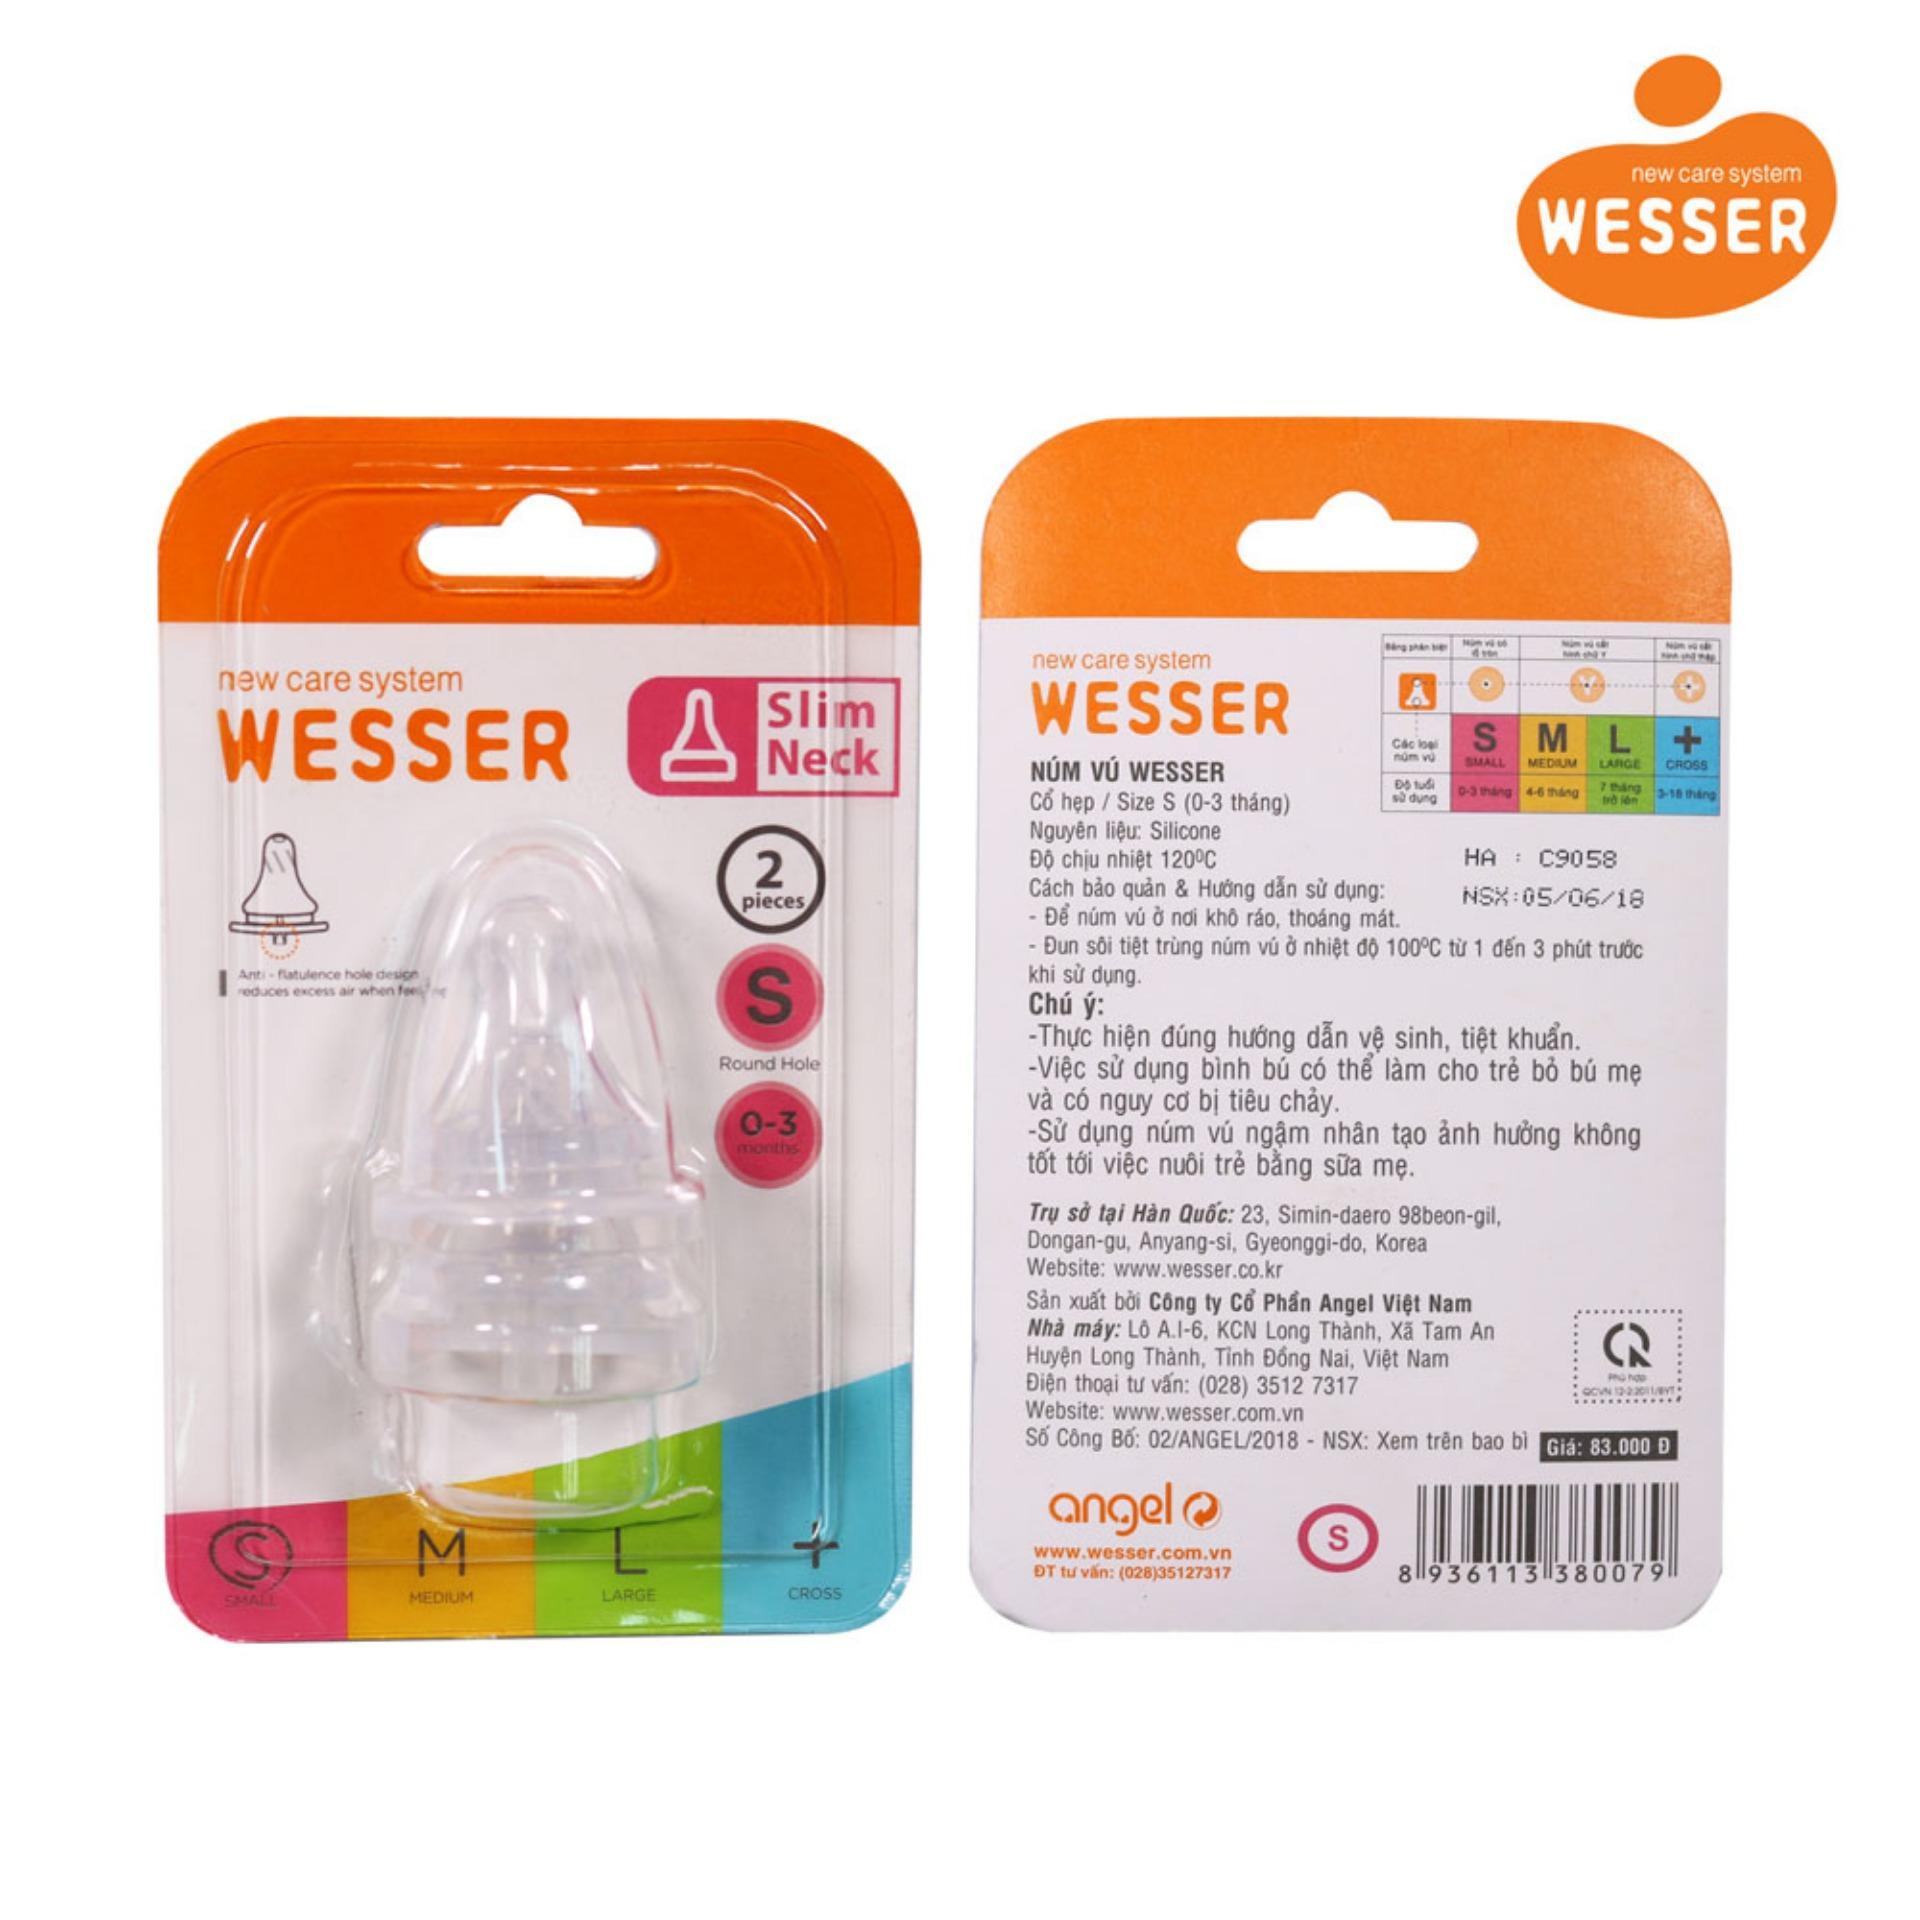 Bộ Đôi Núm Vú Wesser Cổ Nhỏ / Size S ( Cho Bé 0-3 Tháng Tuổi )